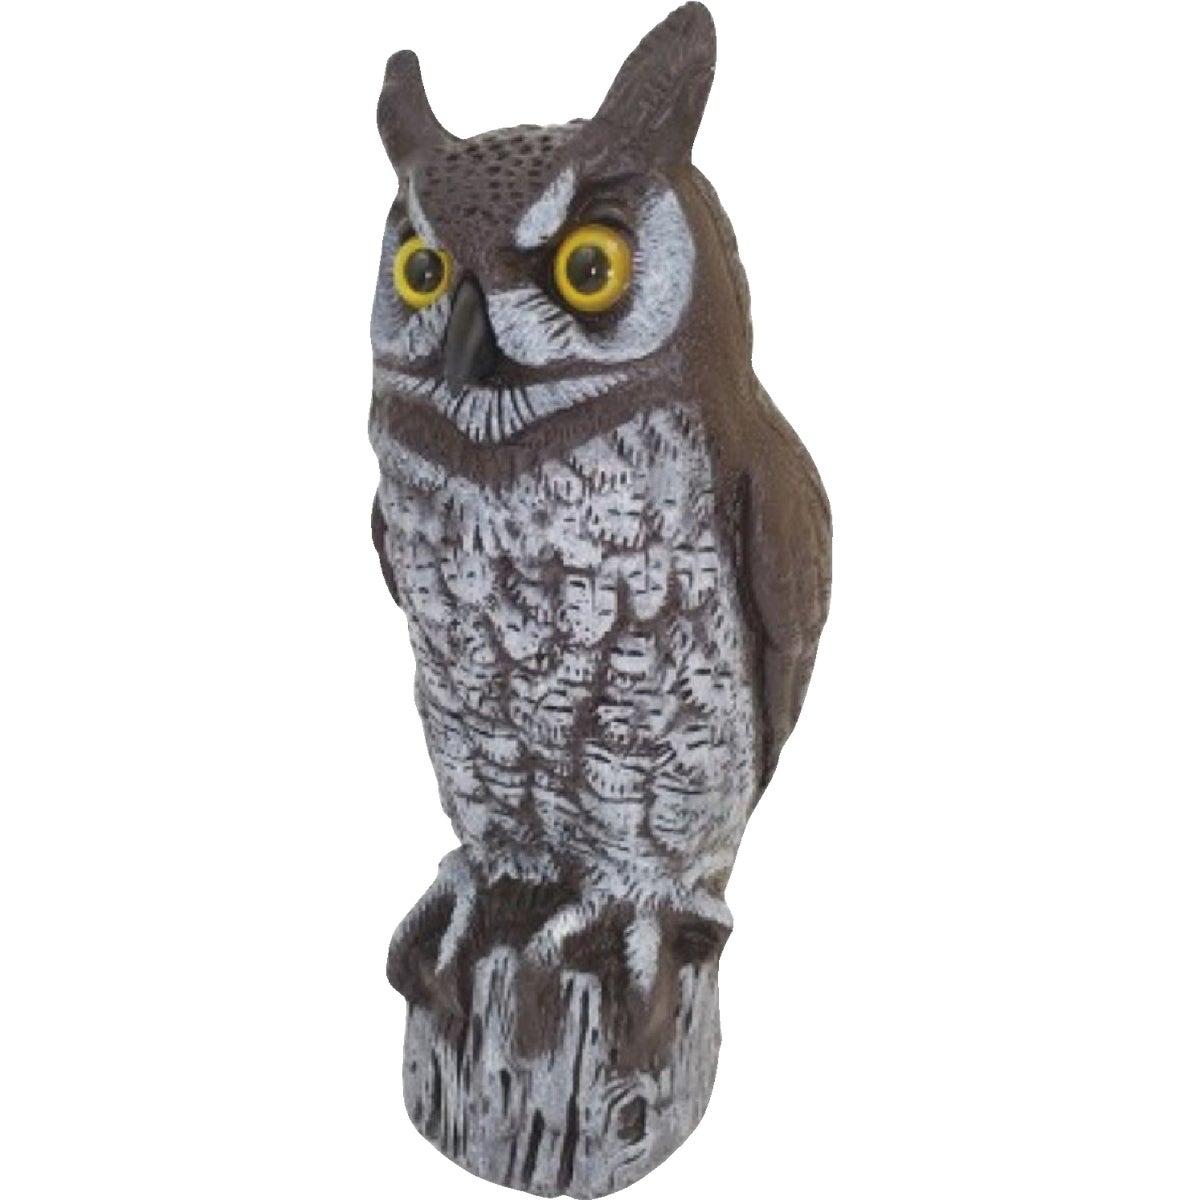 RIDGID PLASTIC OWL